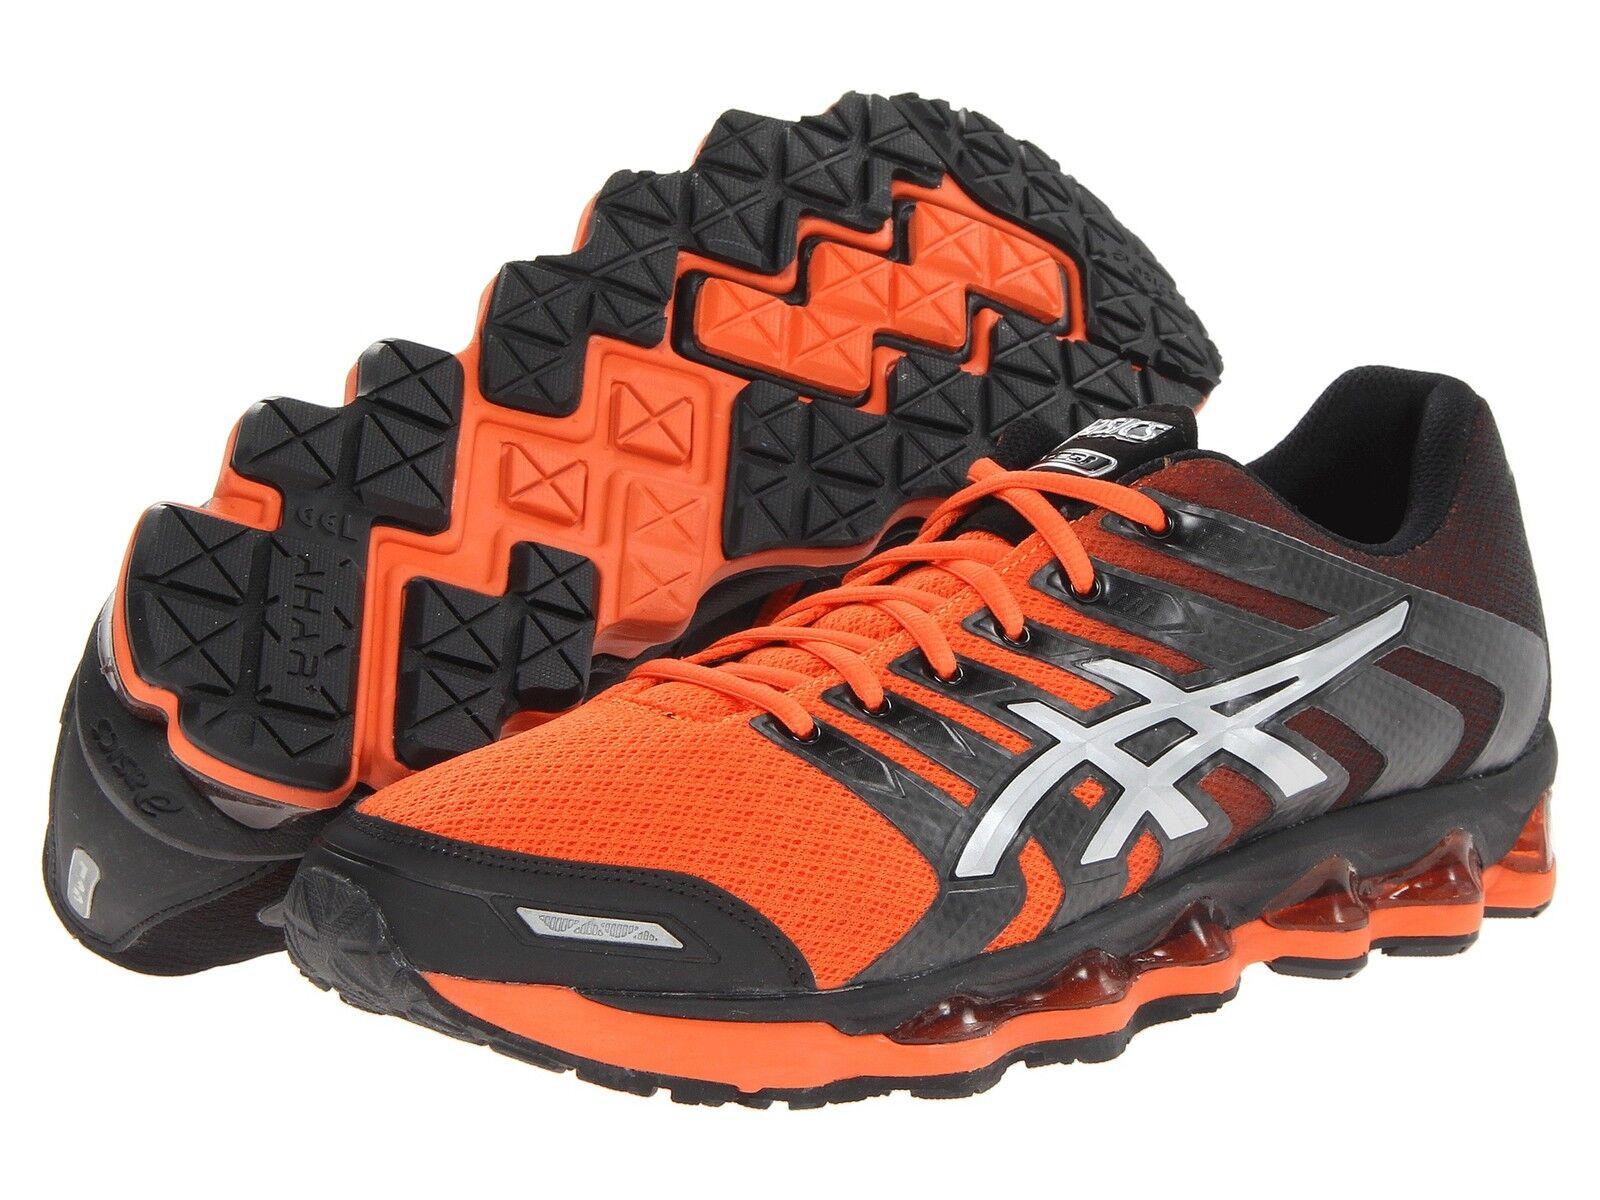 ASICS G-T3D.1 MEN'S RUNNING SNEAKERS SIZE 9.5 BRAND NEW